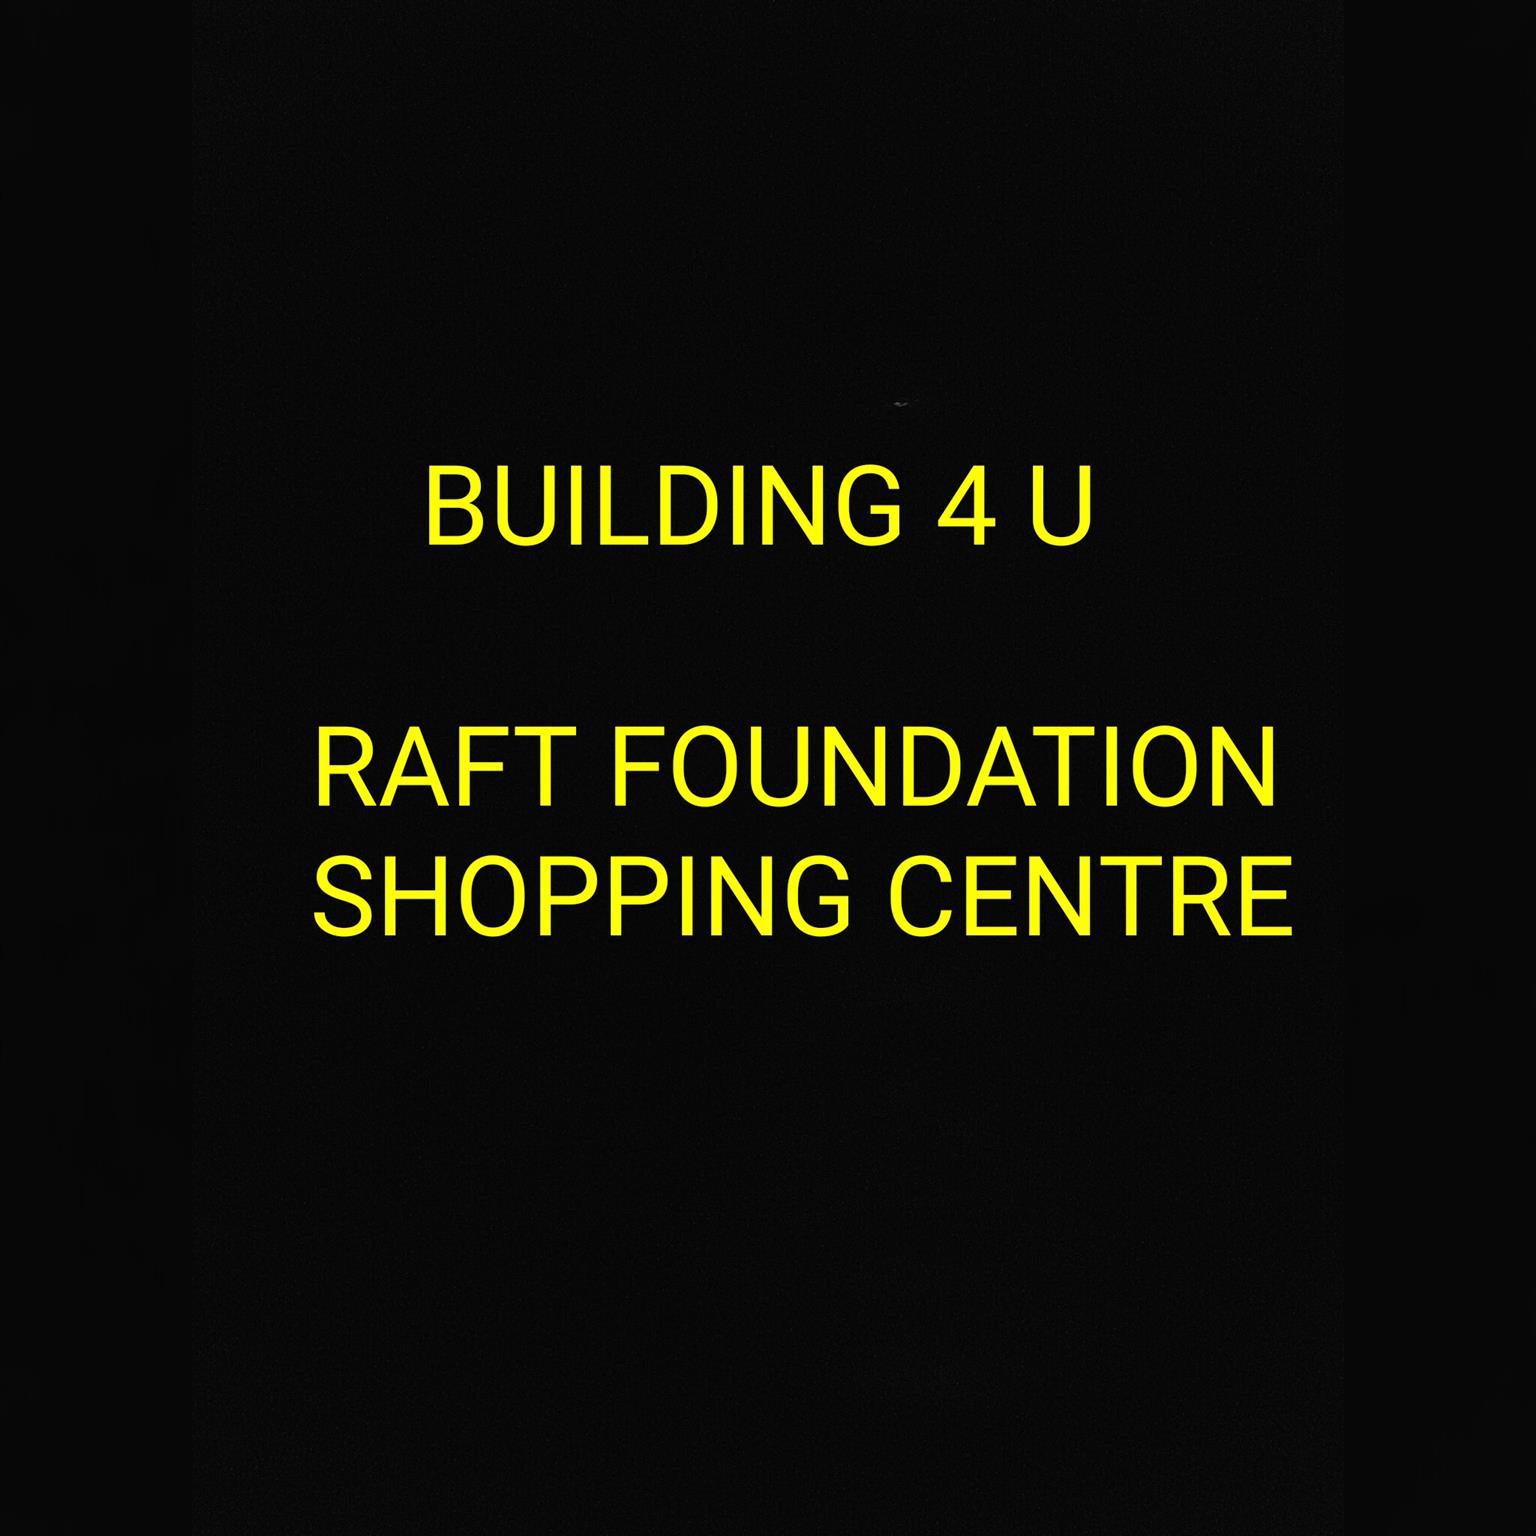 Shopping centre building 4 u